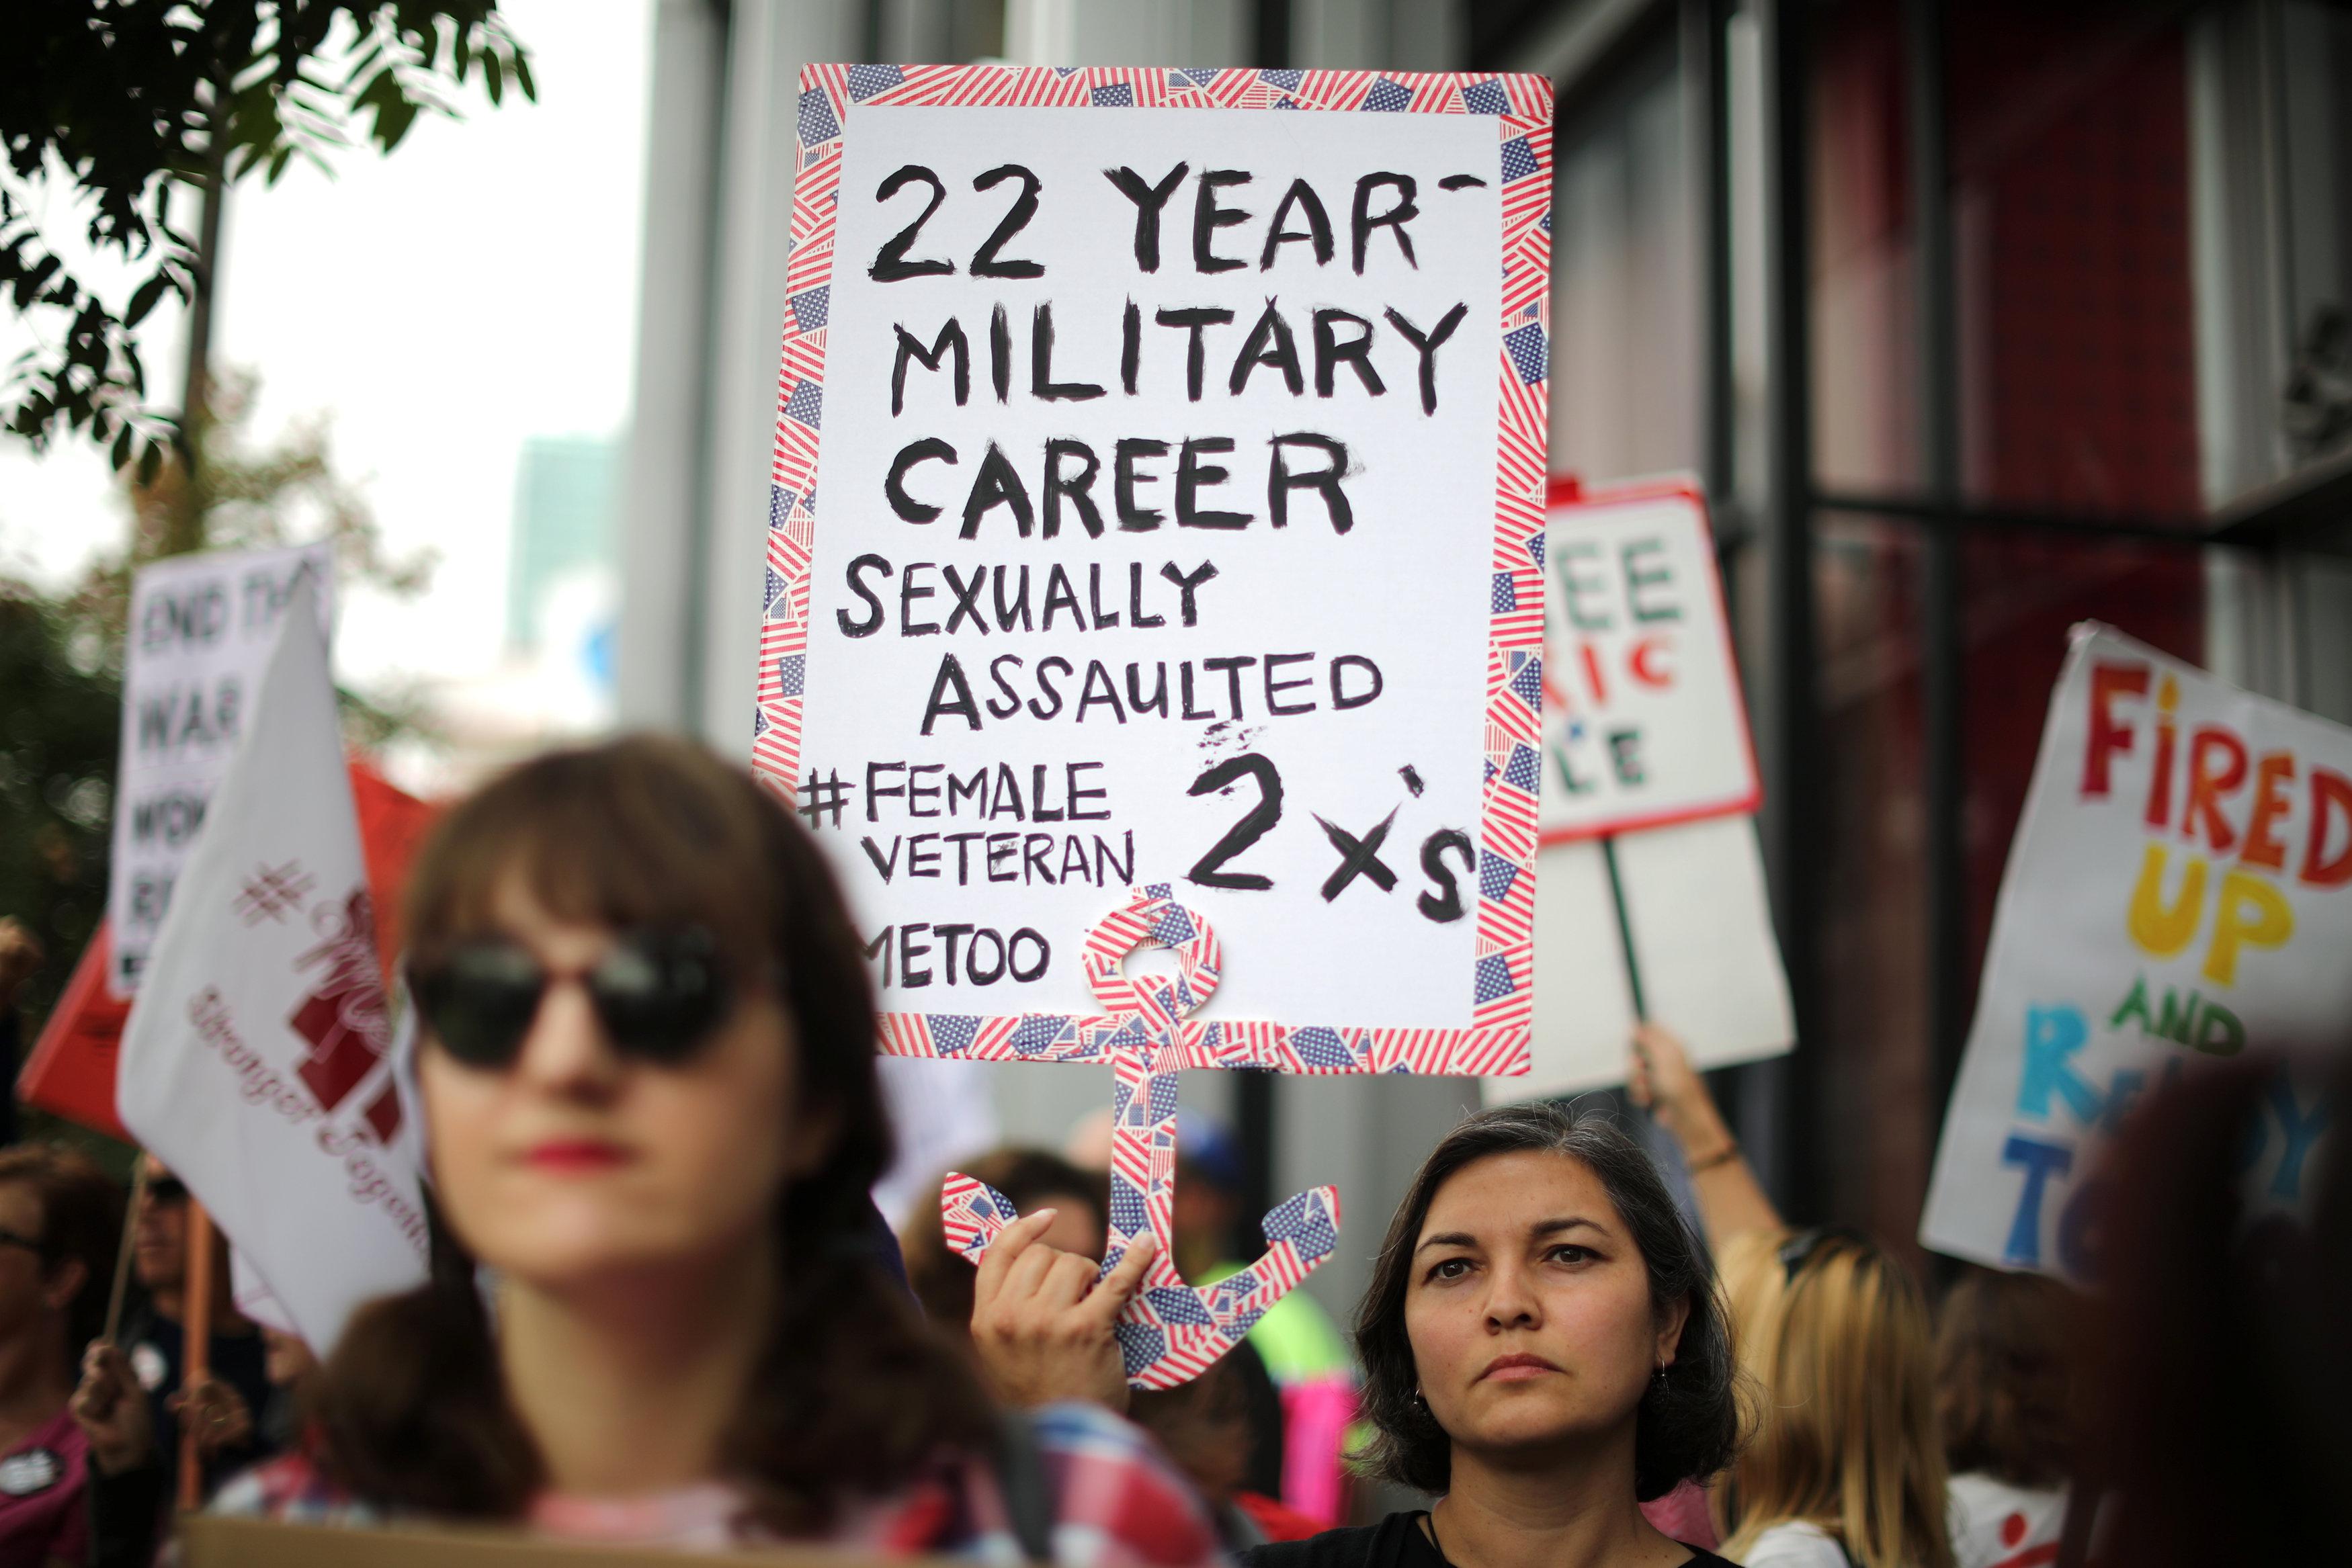 Arlene Rios, 40, dice que fue agredida sexualmente dos veces en la Marina (REUTERS/Lucy Nicholson)